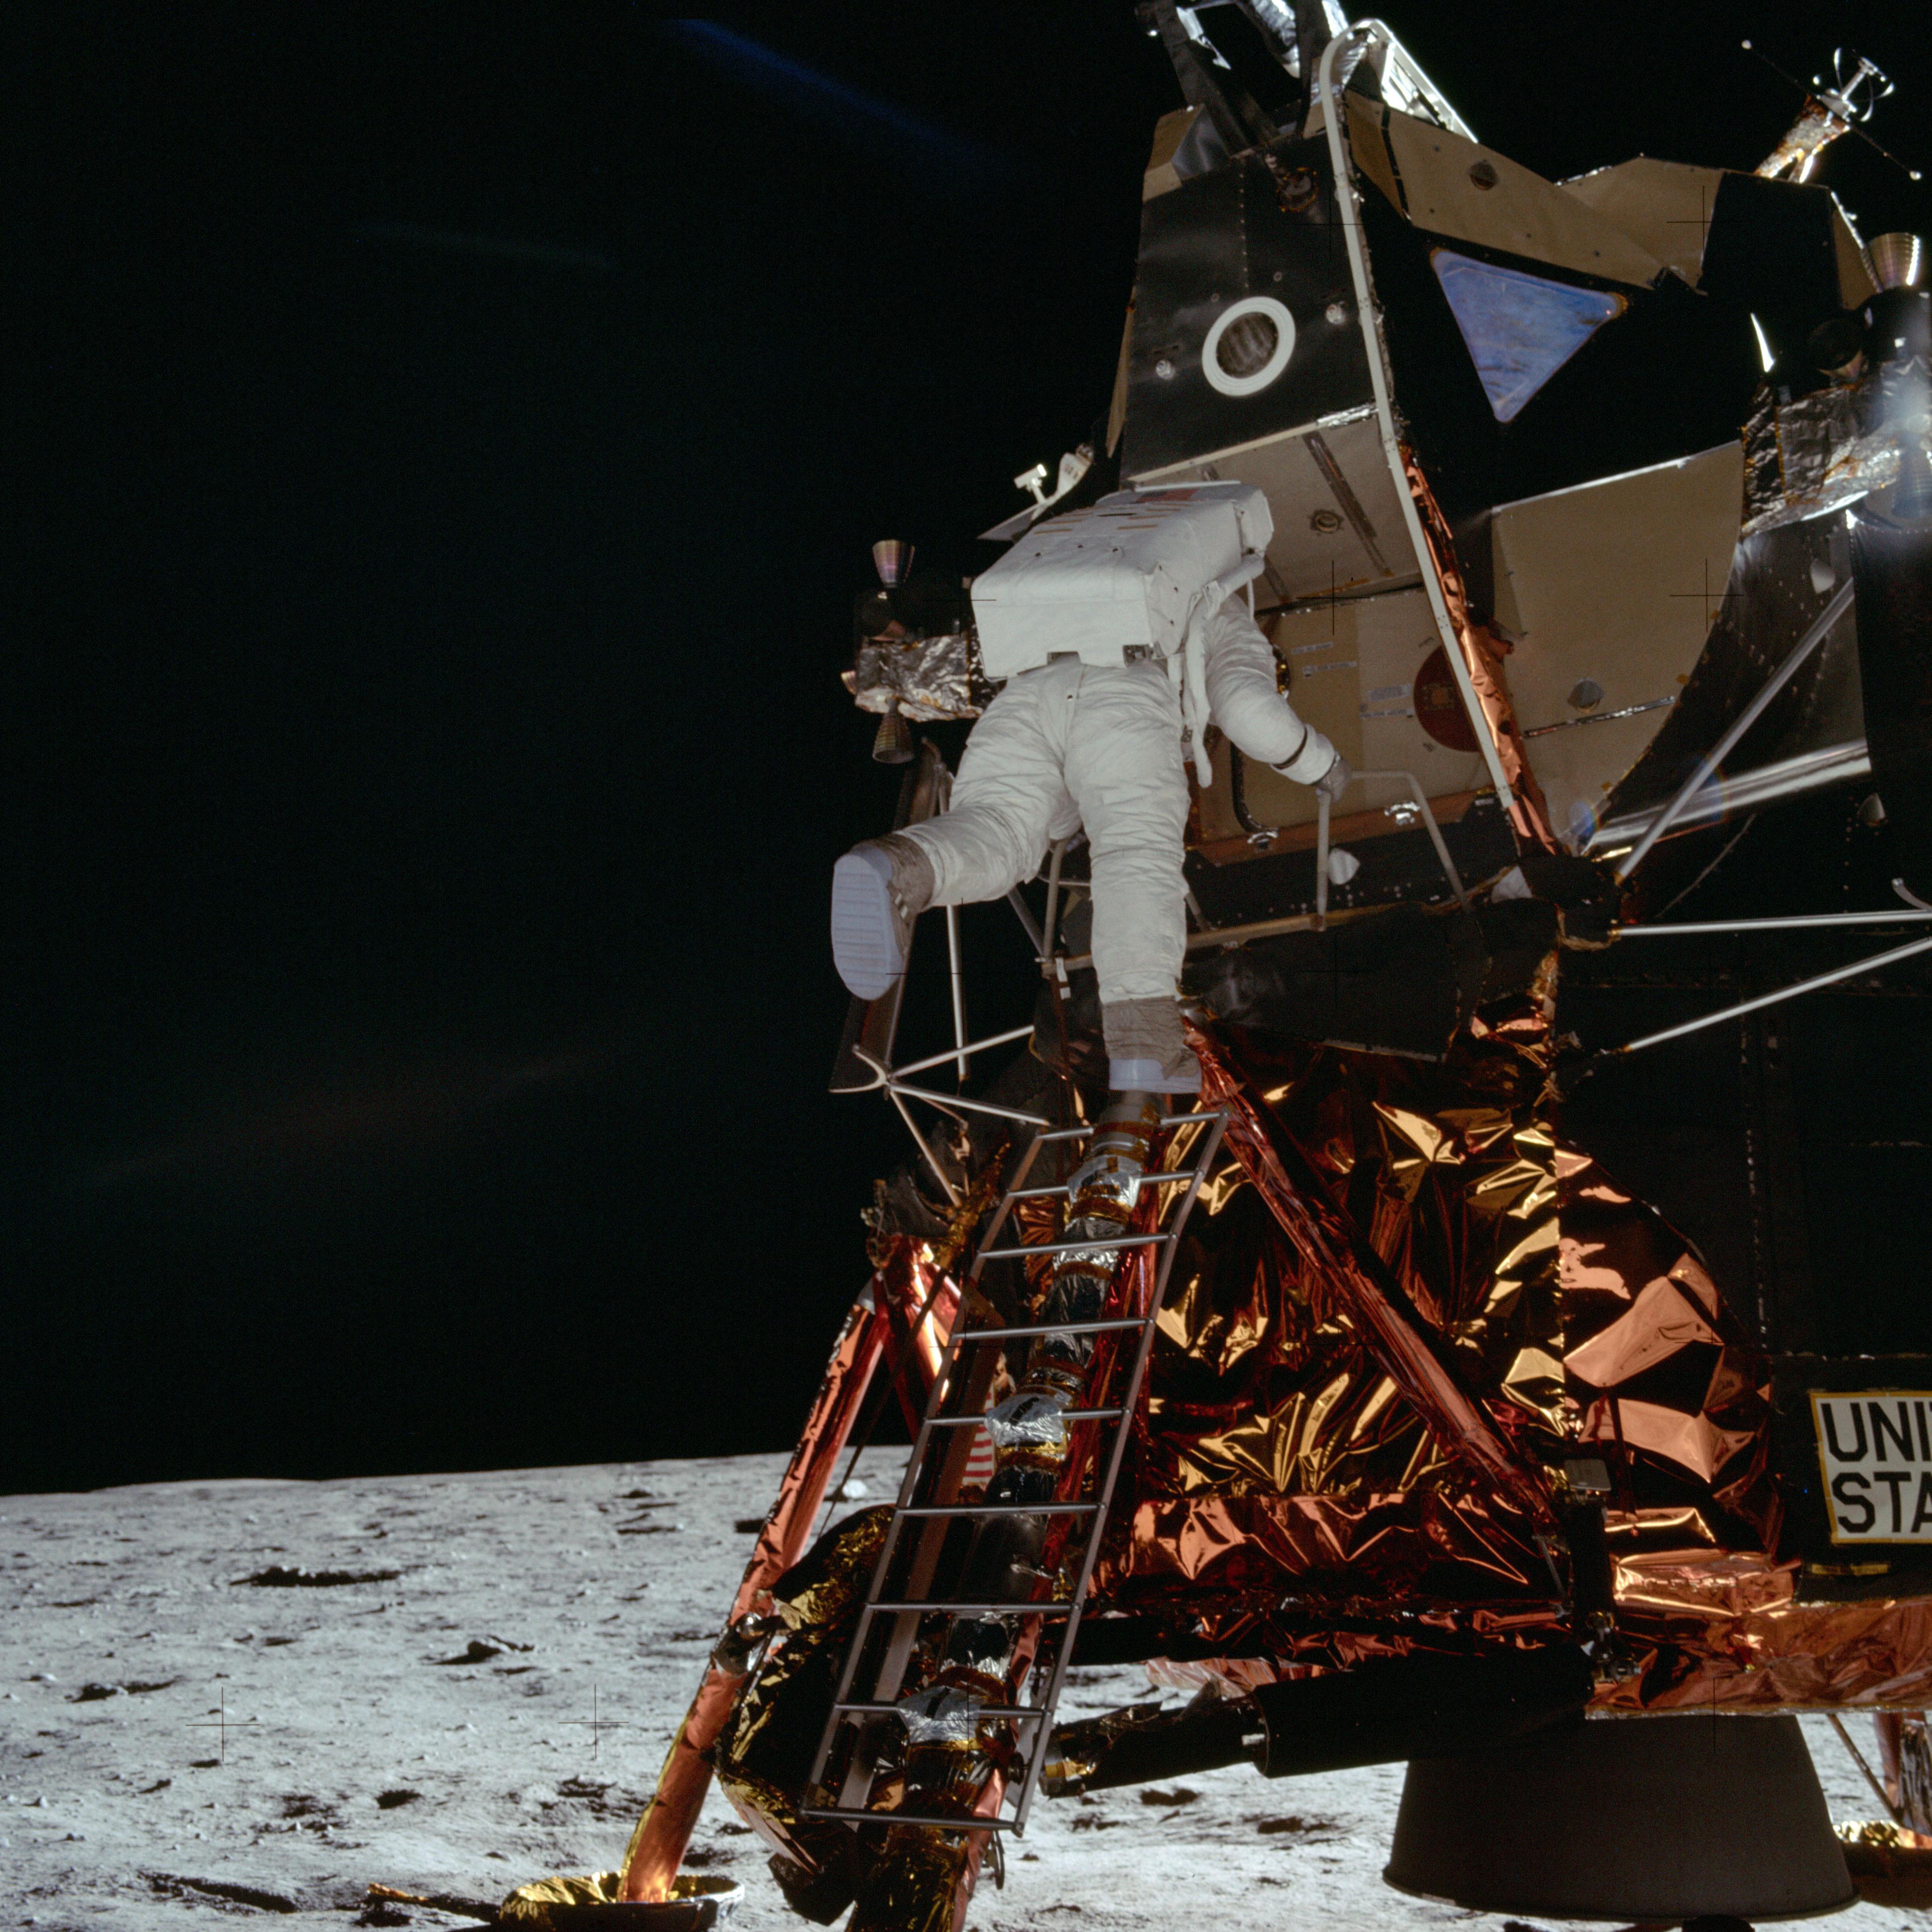 Астронавт Эдвин Элдрин-младший, пилот Лунного модуля (LM) спускается с LM, спускаясь по лестнице.  Лунный горизонт виден в фоновом режиме.  Снимок сделан на Базе Спокойствия во время Миссии Аполлона-11.  Оригинальный кинопленка была названа S. Тип пленки: цветная пленка Ektachrome EF SO168 на 2,7-миллиметровой полиэстерной основе Estar, снятой с 60-мм объективом.  Угол Солнца средний.  Направление наклона - северо-восток (северо-восток).